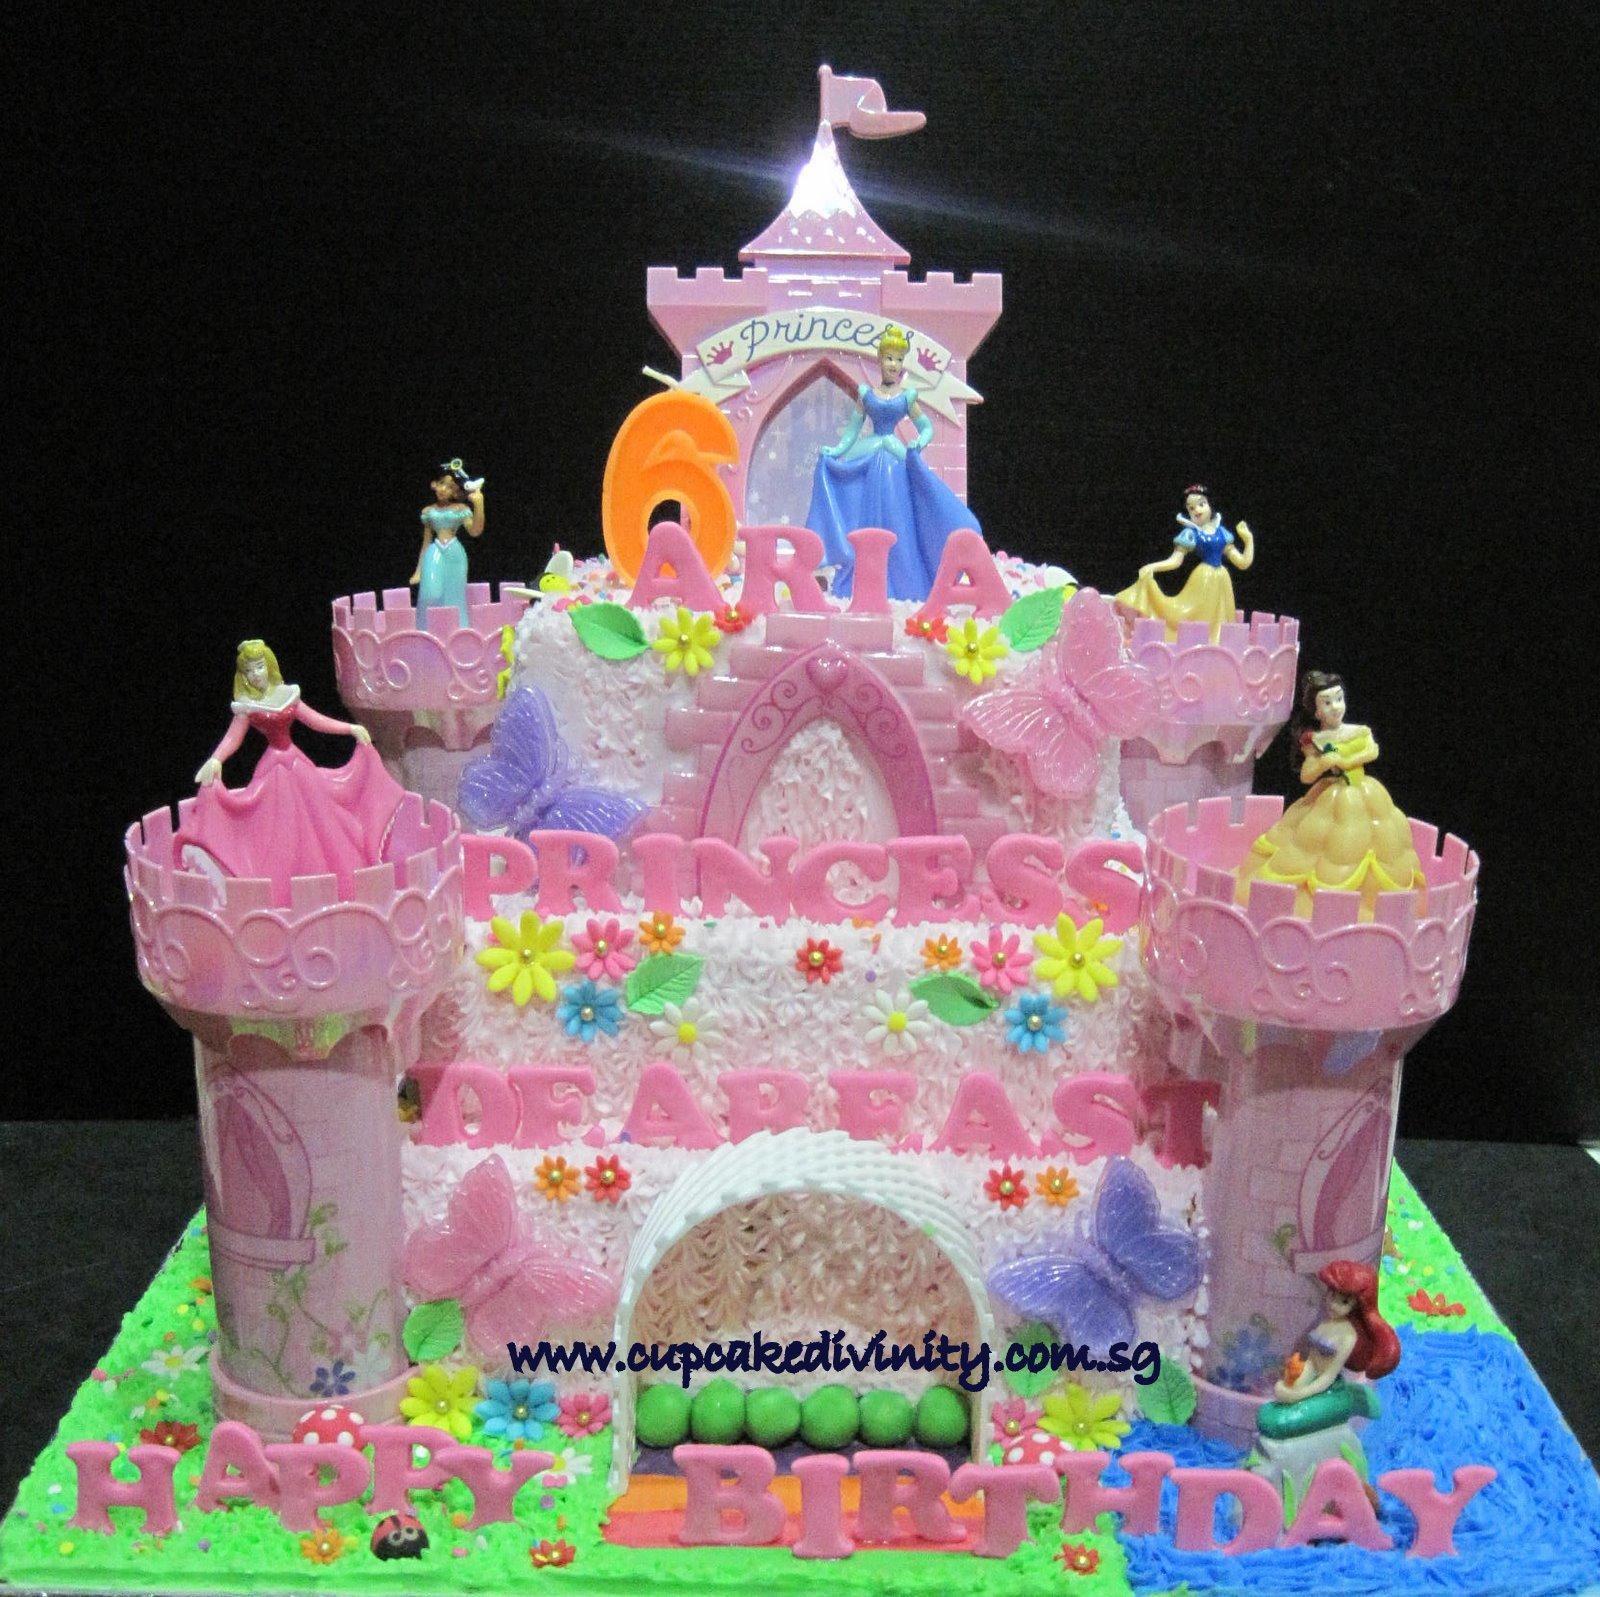 3 Tier Princess Castle Cake